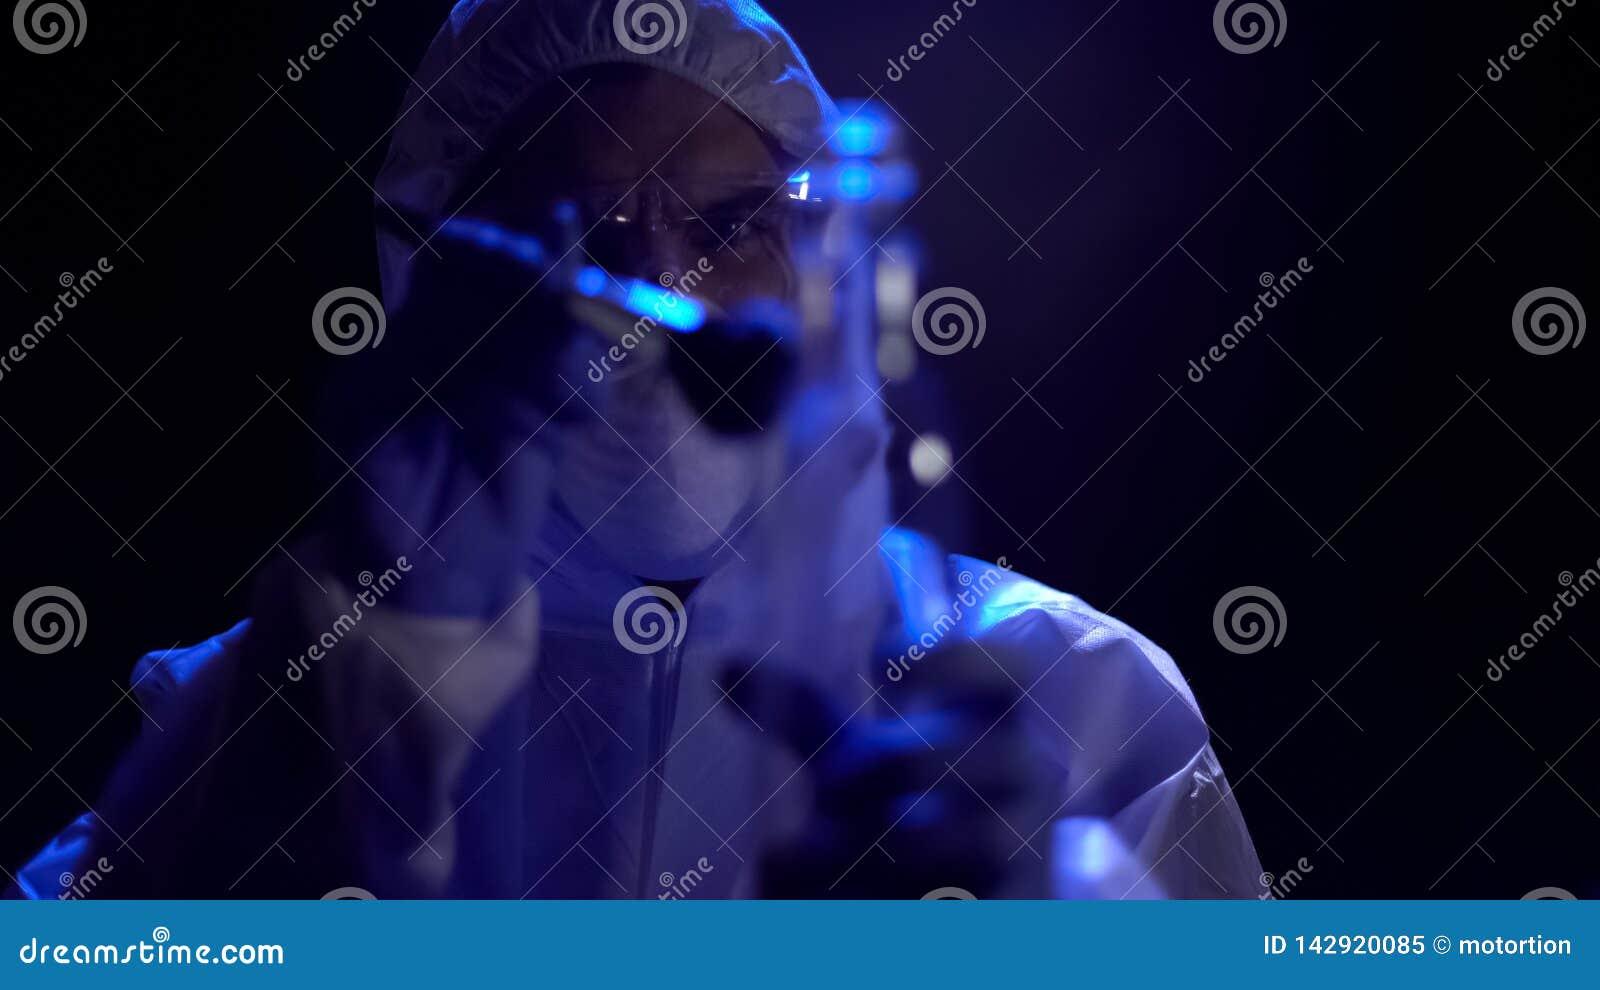 Criminalista que toma huellas dactilares de la botella en la escena del crimen, búsqueda para las pruebas